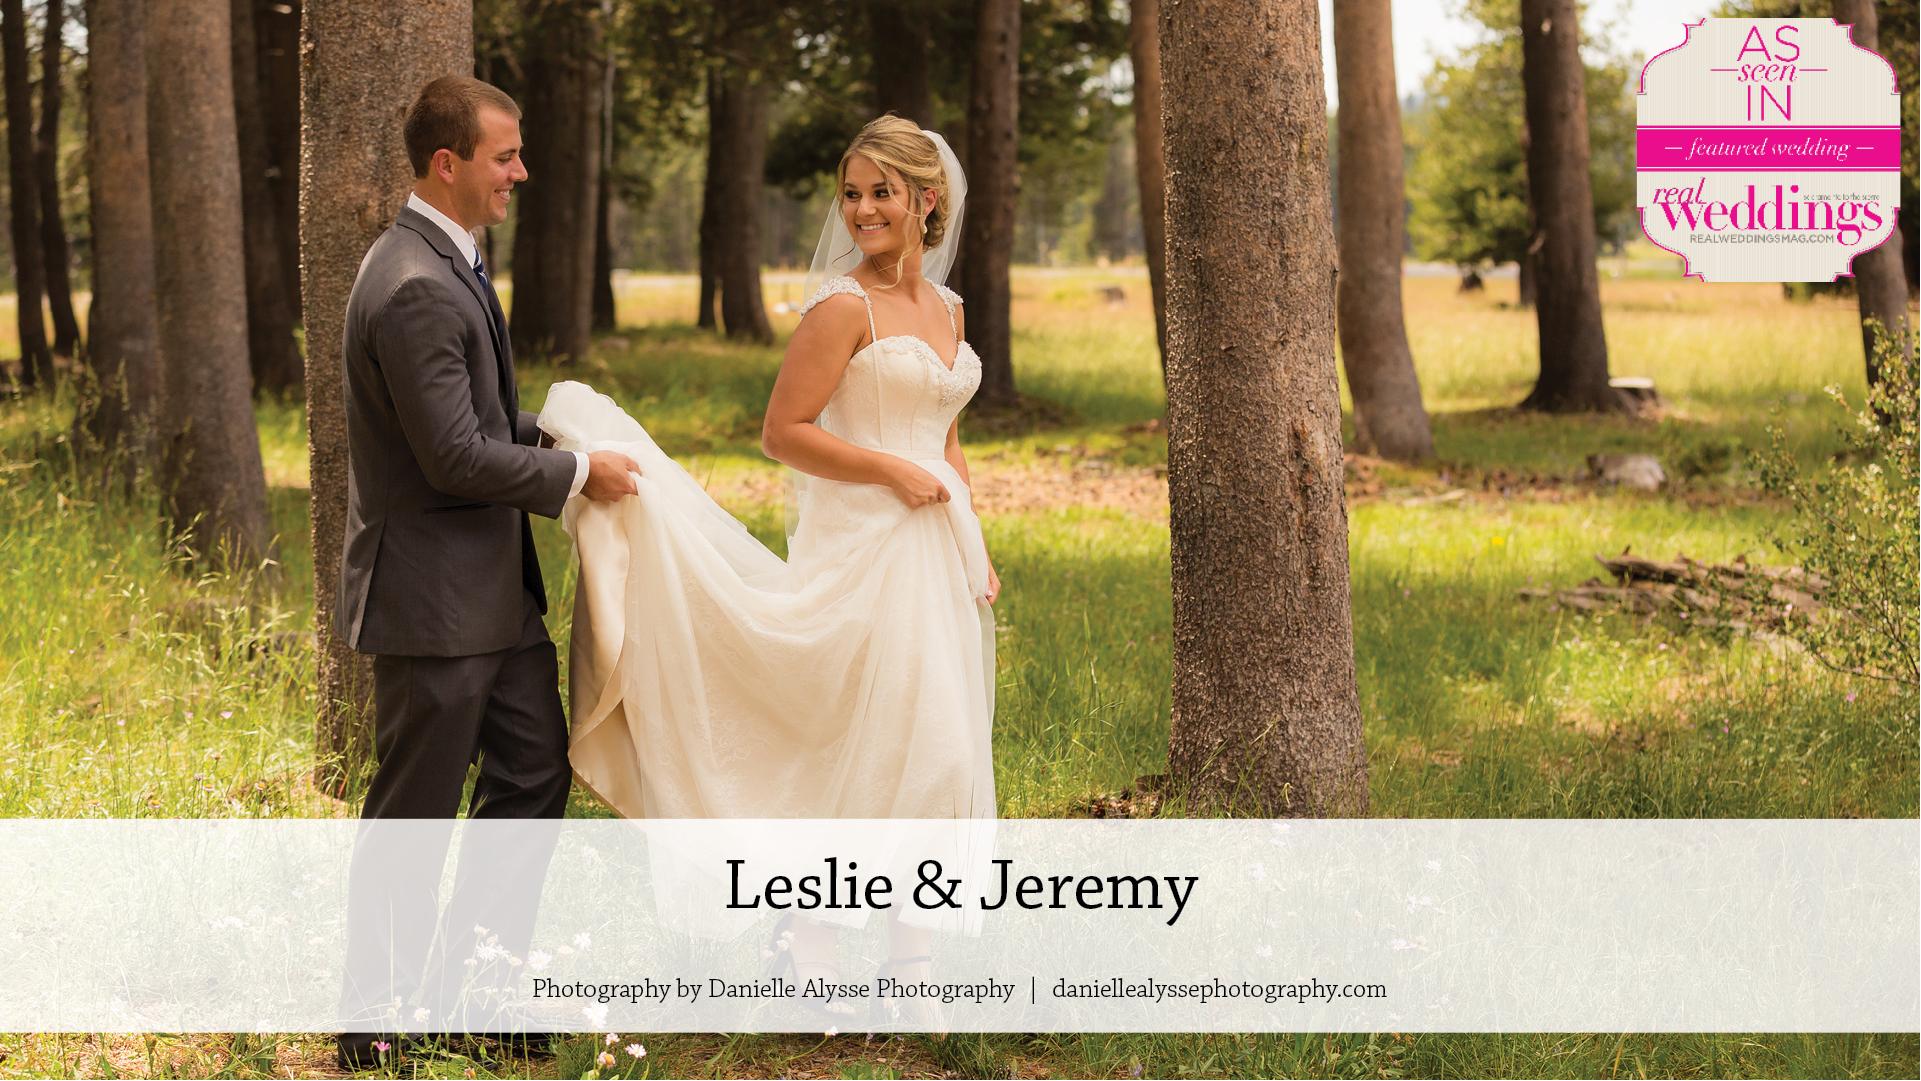 Sacramento Wedding Photographer | Sacramento Wedding Photography | Lake Tahoe Wedding Photographer | Northern California Wedding Photographer | Sacramento Weddings | Lake Tahoe Weddings | Nor Cal Weddings | Bear Valley Wedding